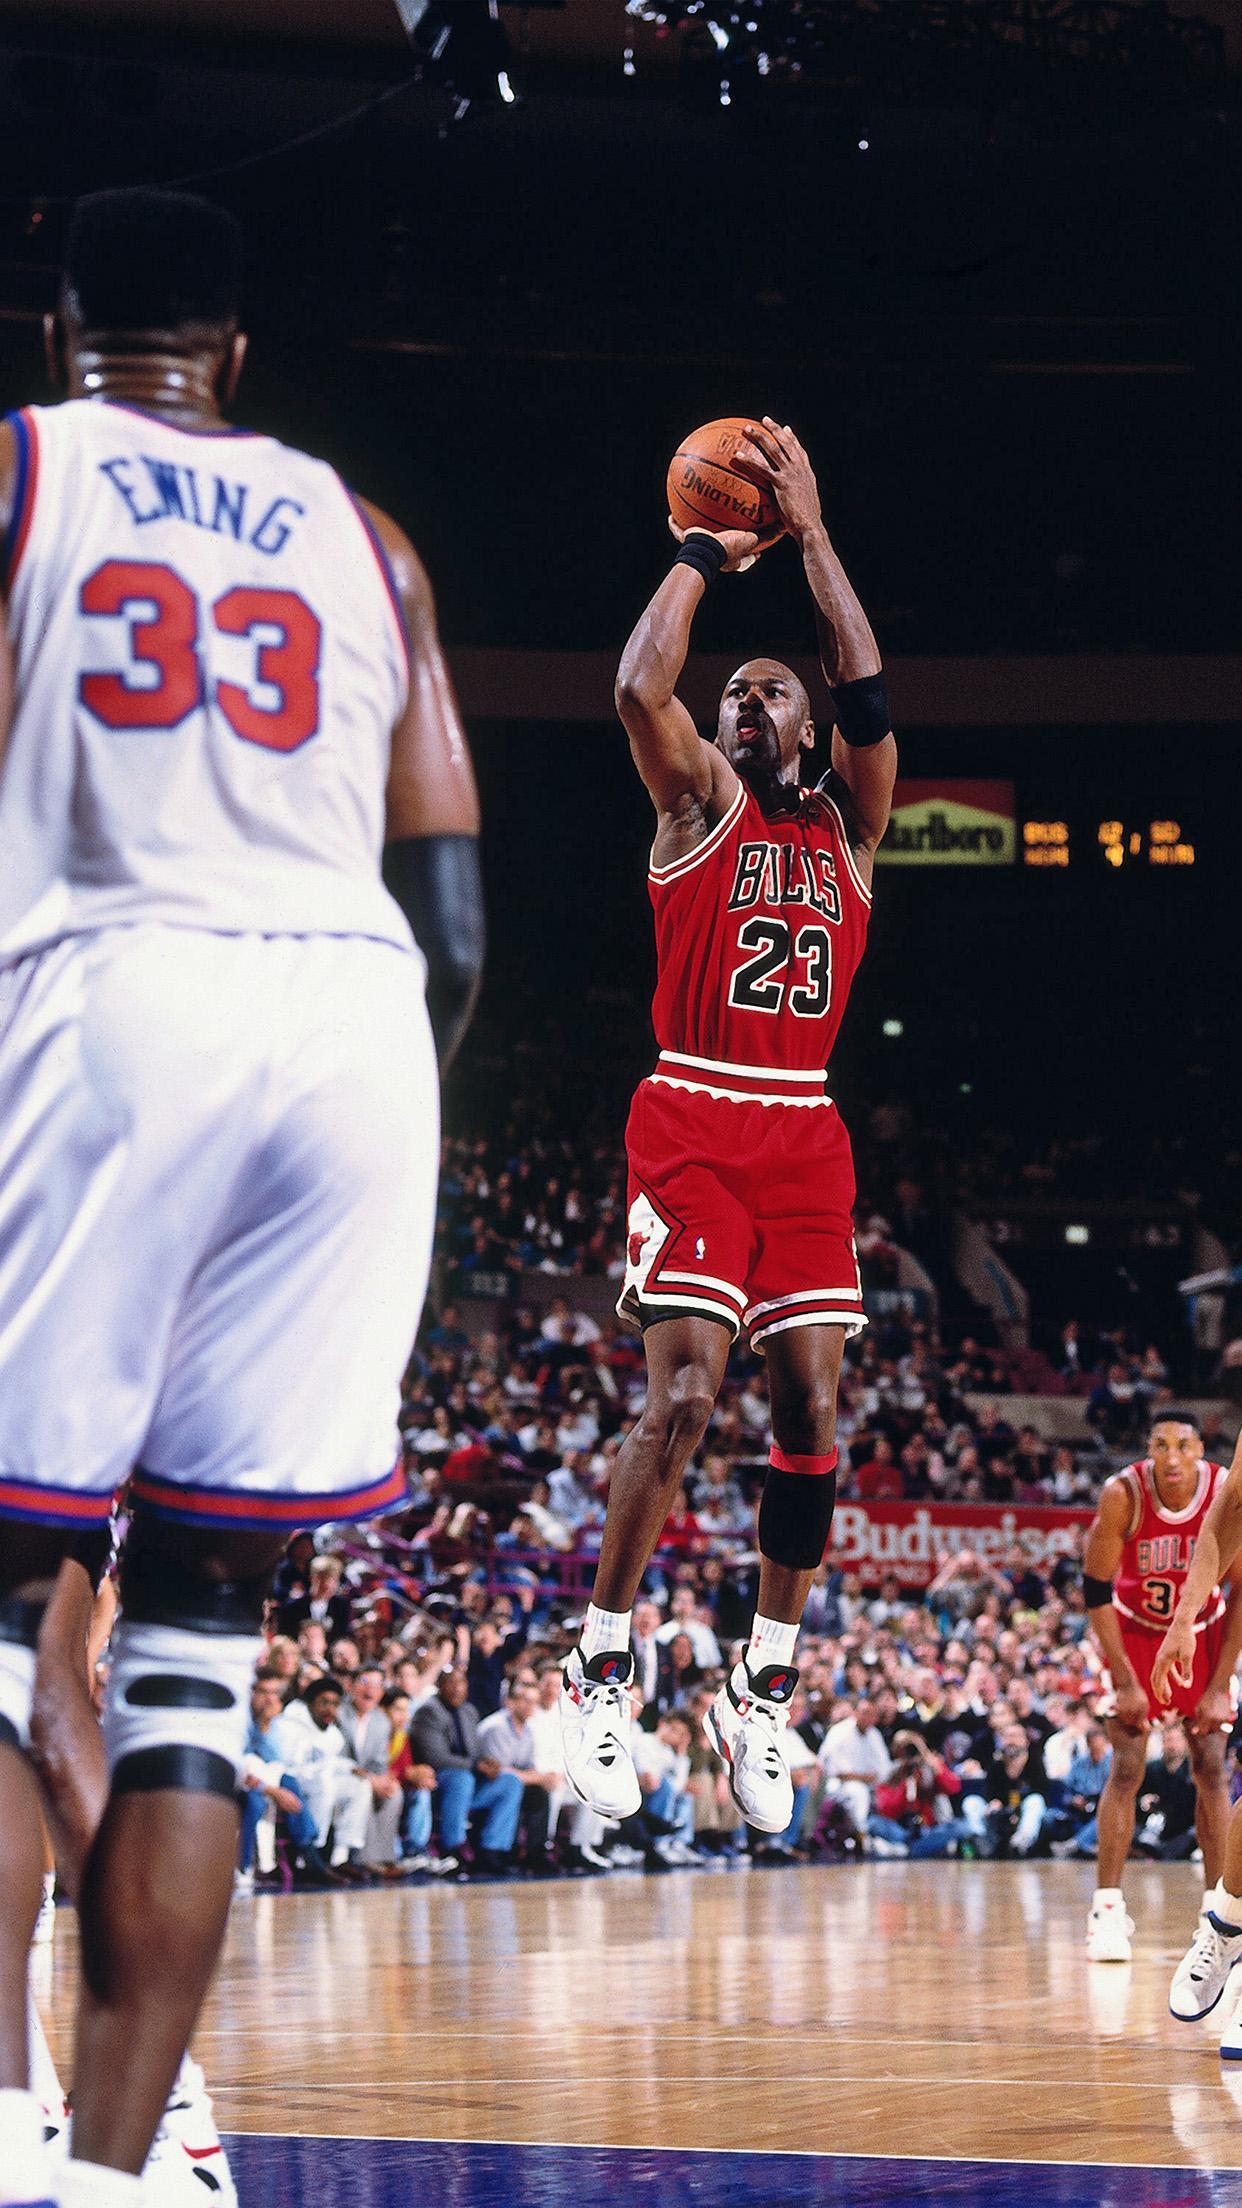 Jordan Michael Jordan Iphone X 112236 Hd Wallpaper